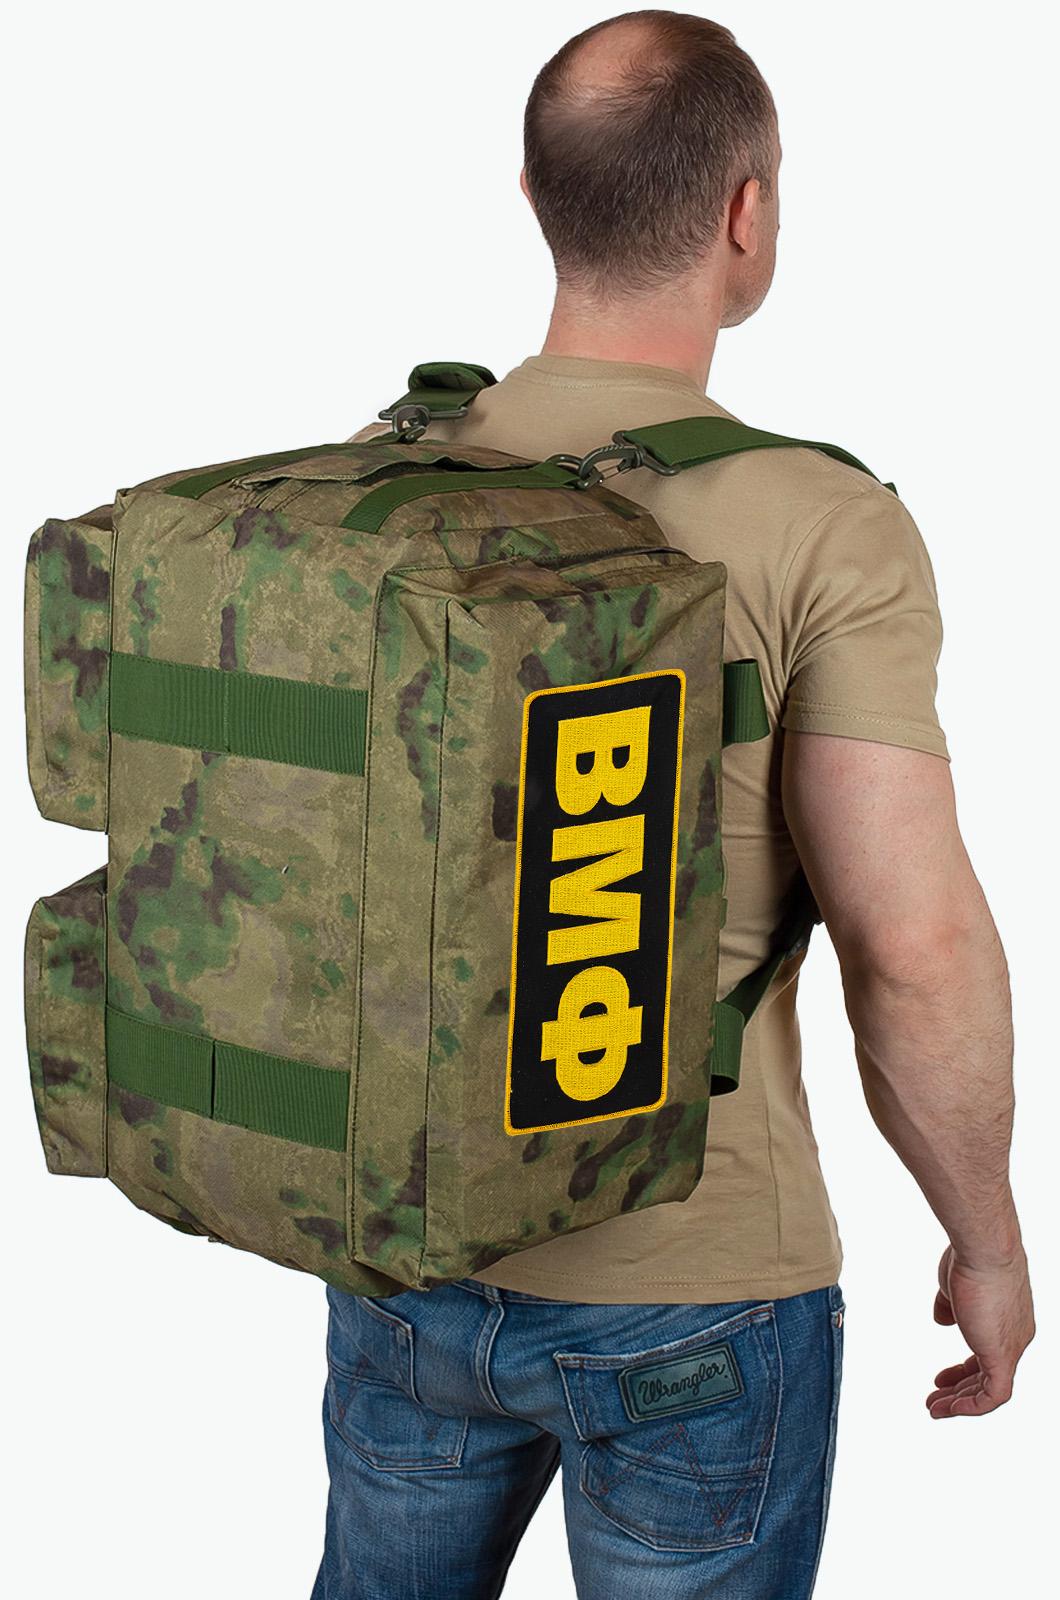 Купить походную камуфляжную сумку ВМФ с доставкой или самовывозом